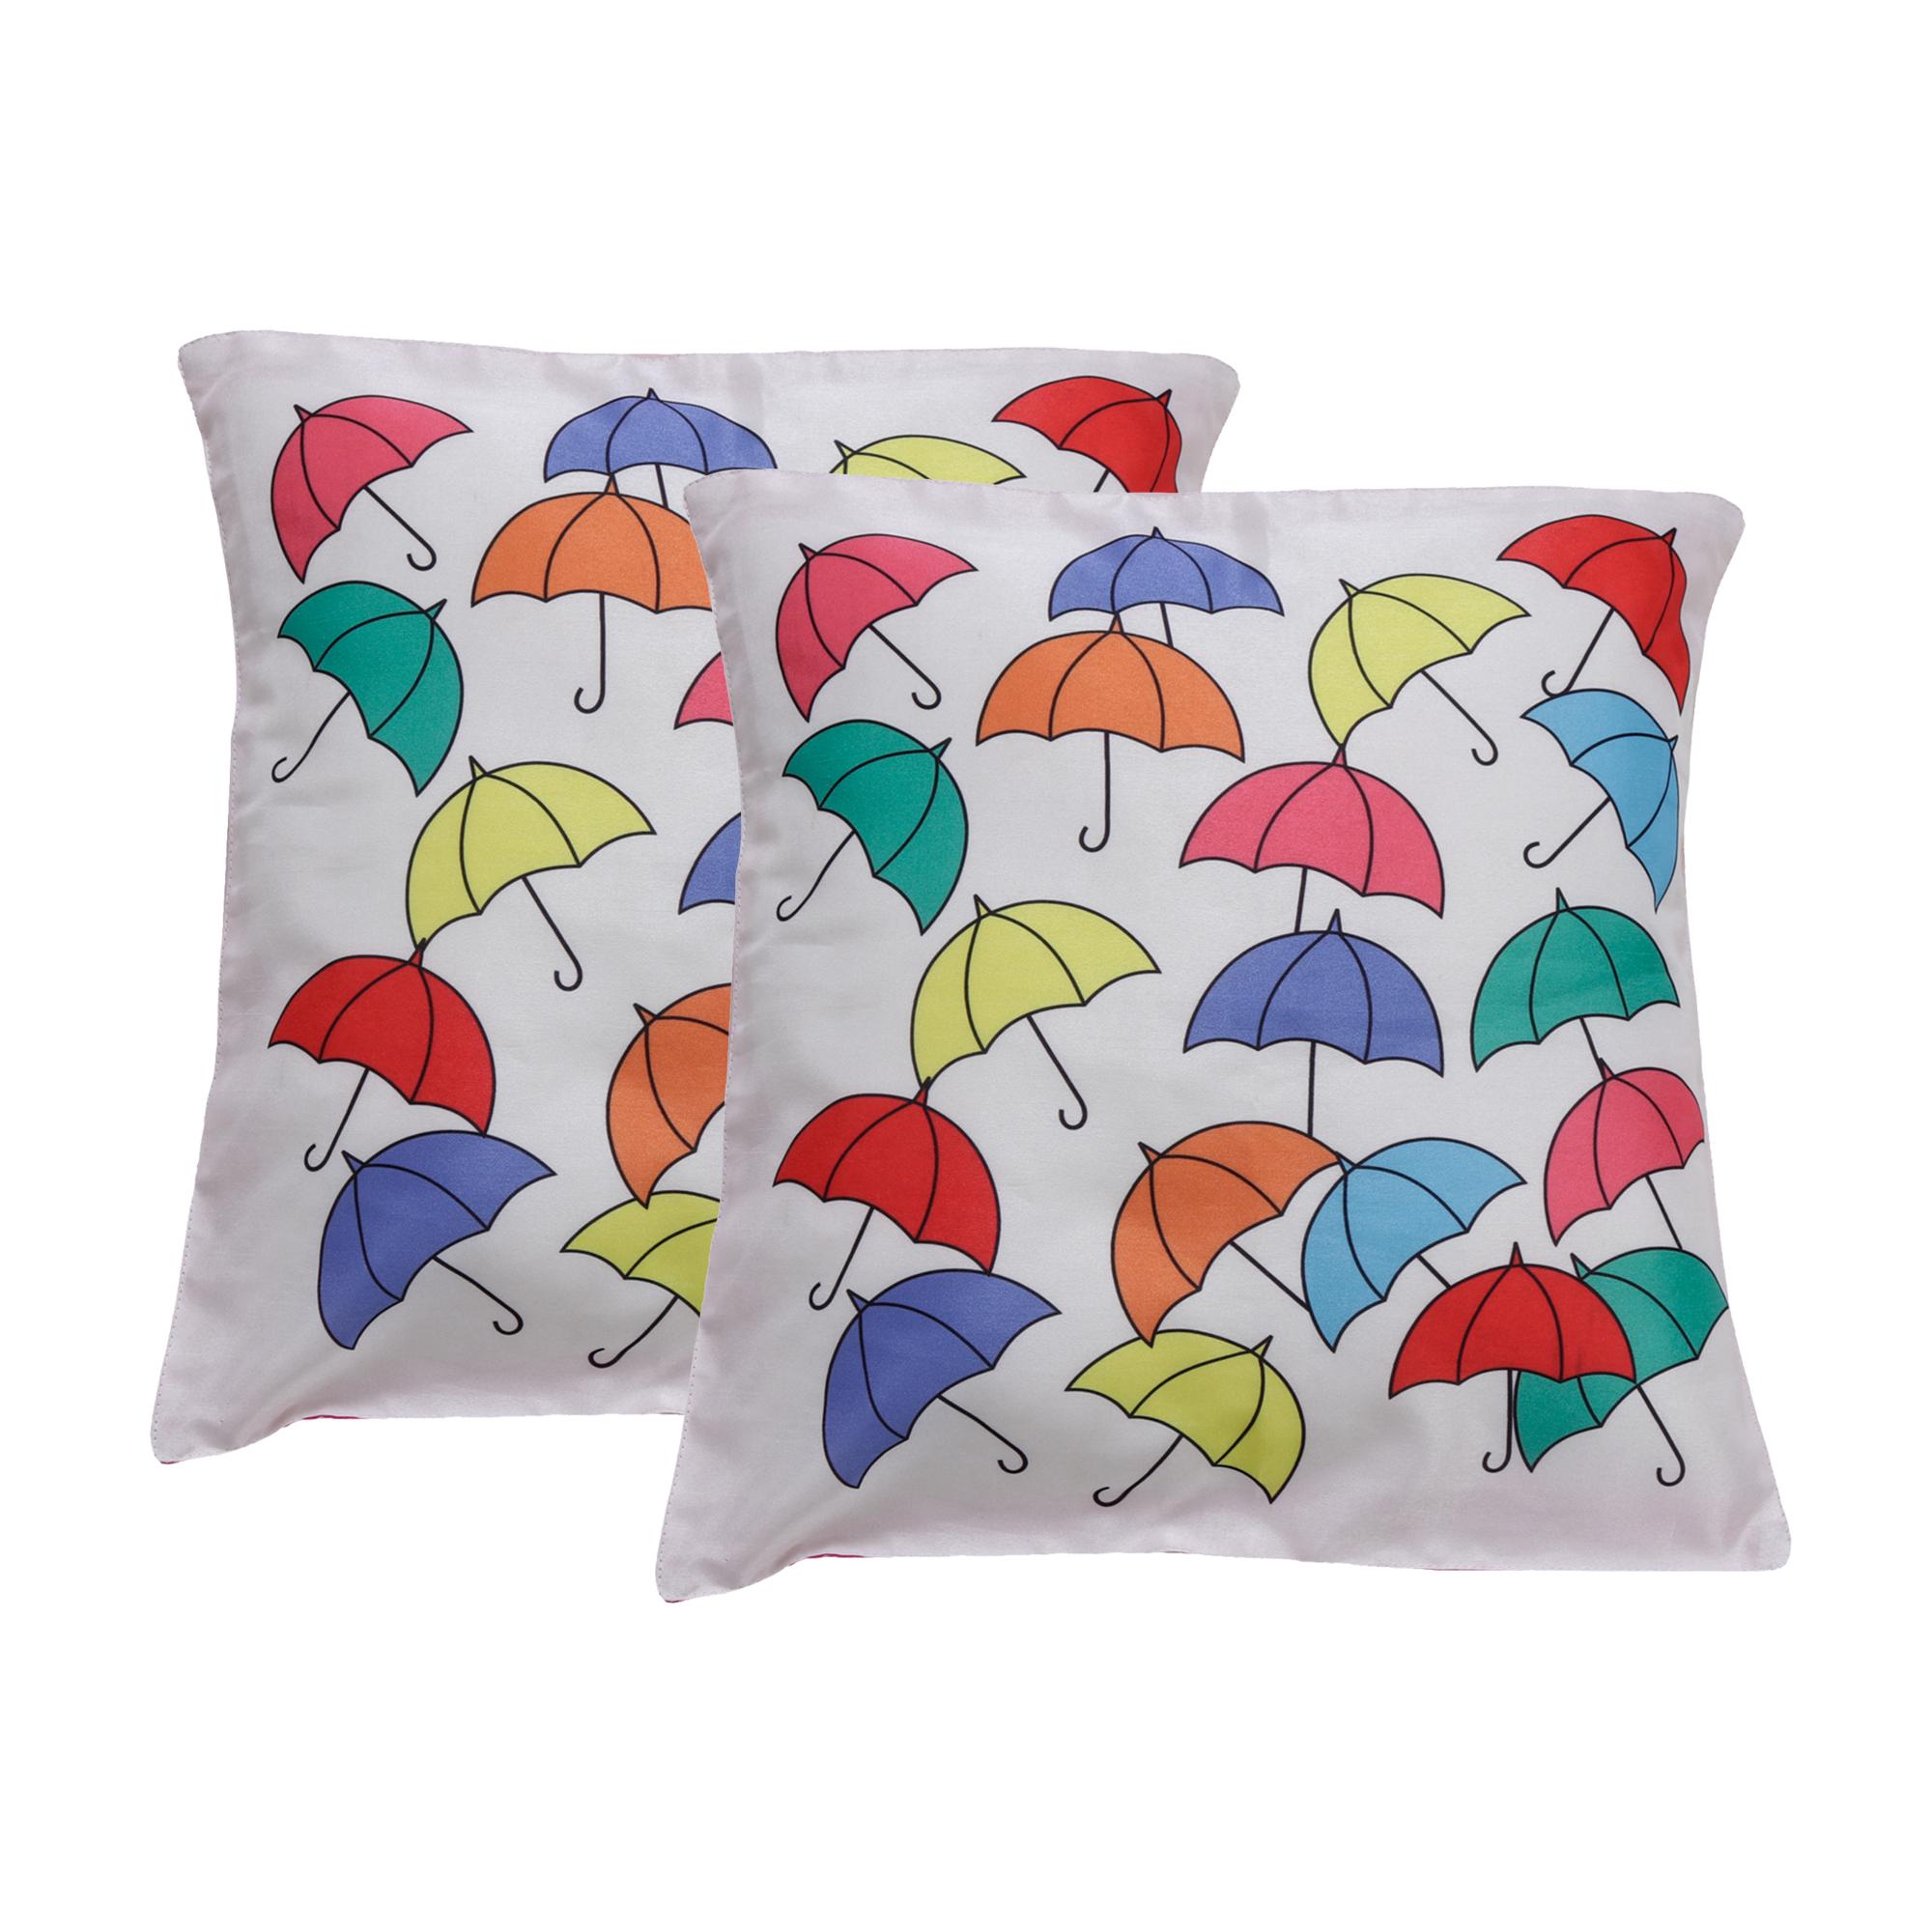 cushion-cover-16x16